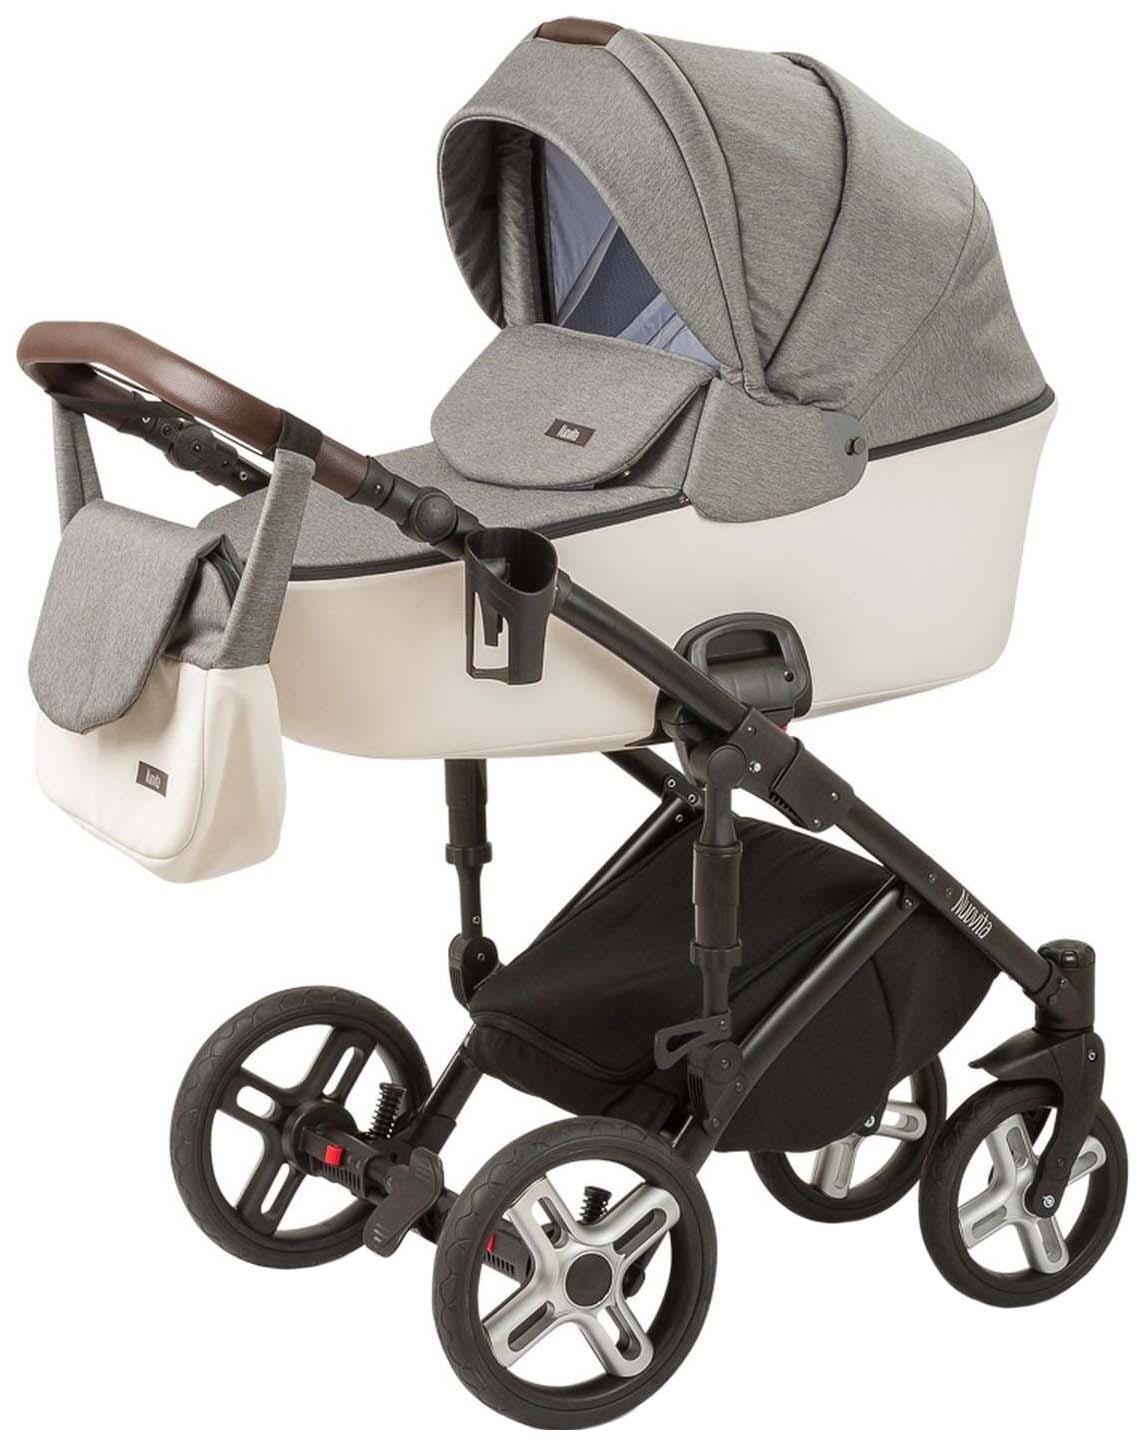 Купить Коляска Nuovita Carro Sport 2 в 1 серый, белый, Детские коляски 2 в 1